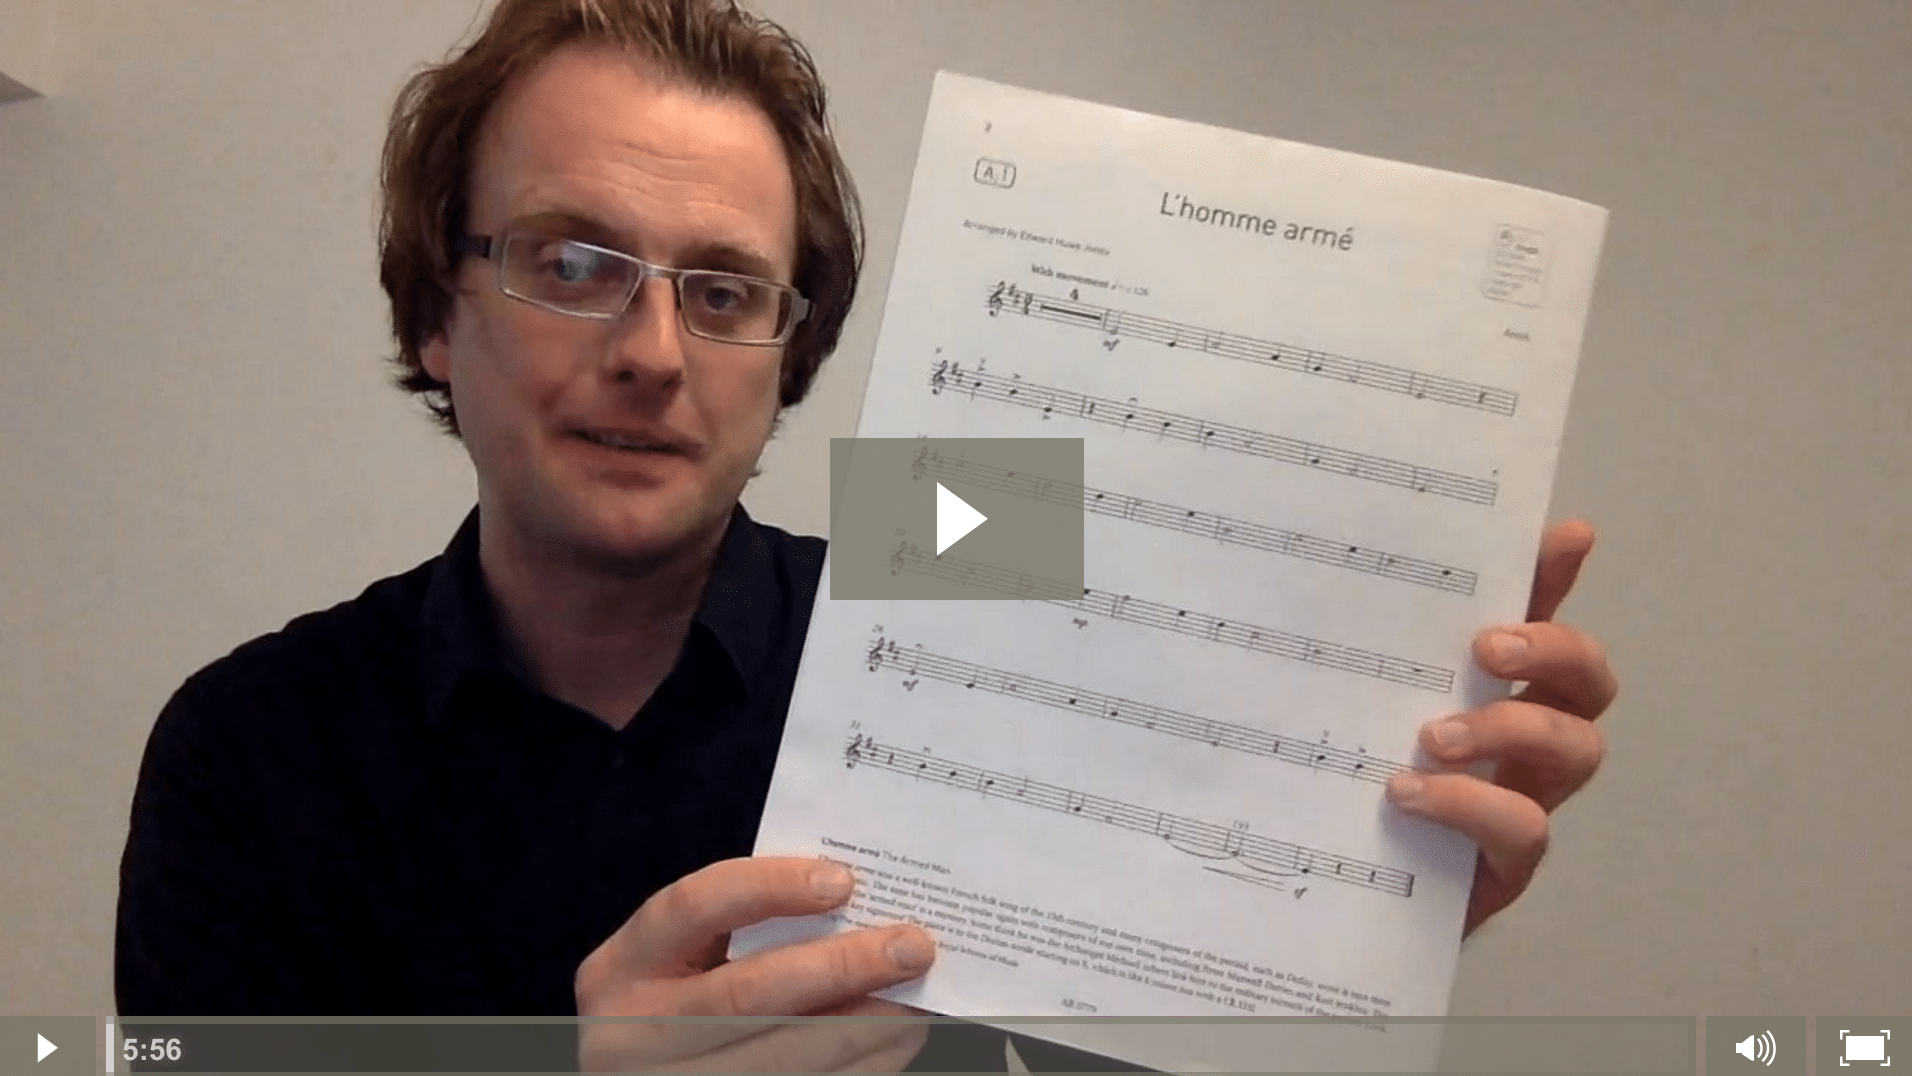 L'Homme Armé - ABRSM Grade 1 Violin Exam Piece A1